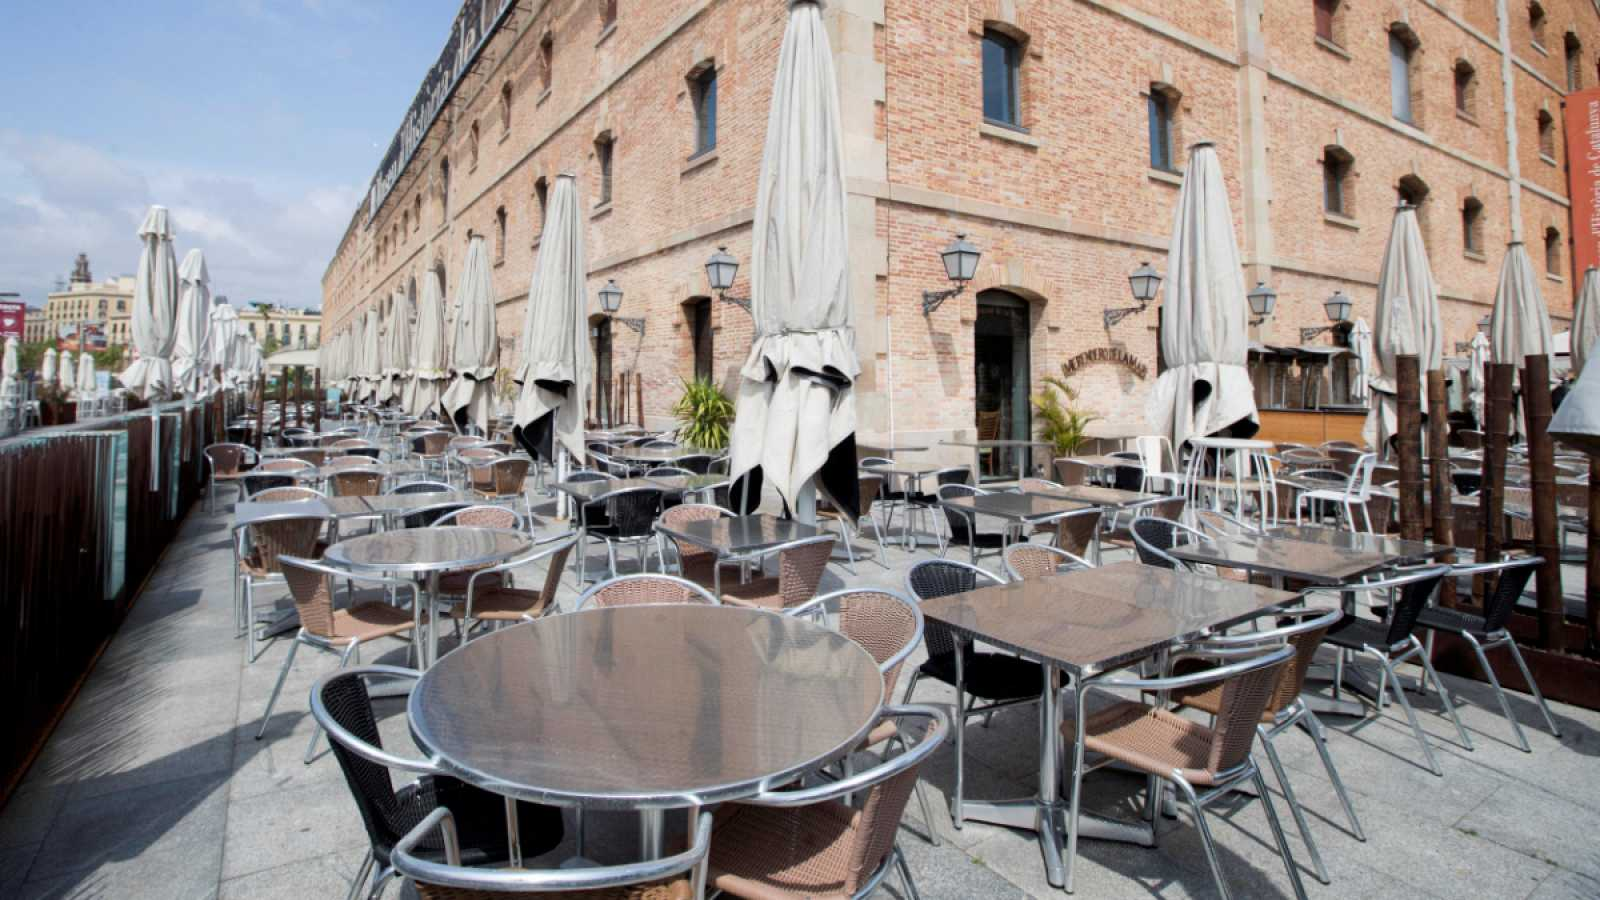 La desescalada en comercios, bares y restaurantes tampoco será homogénea -  RTVE.es